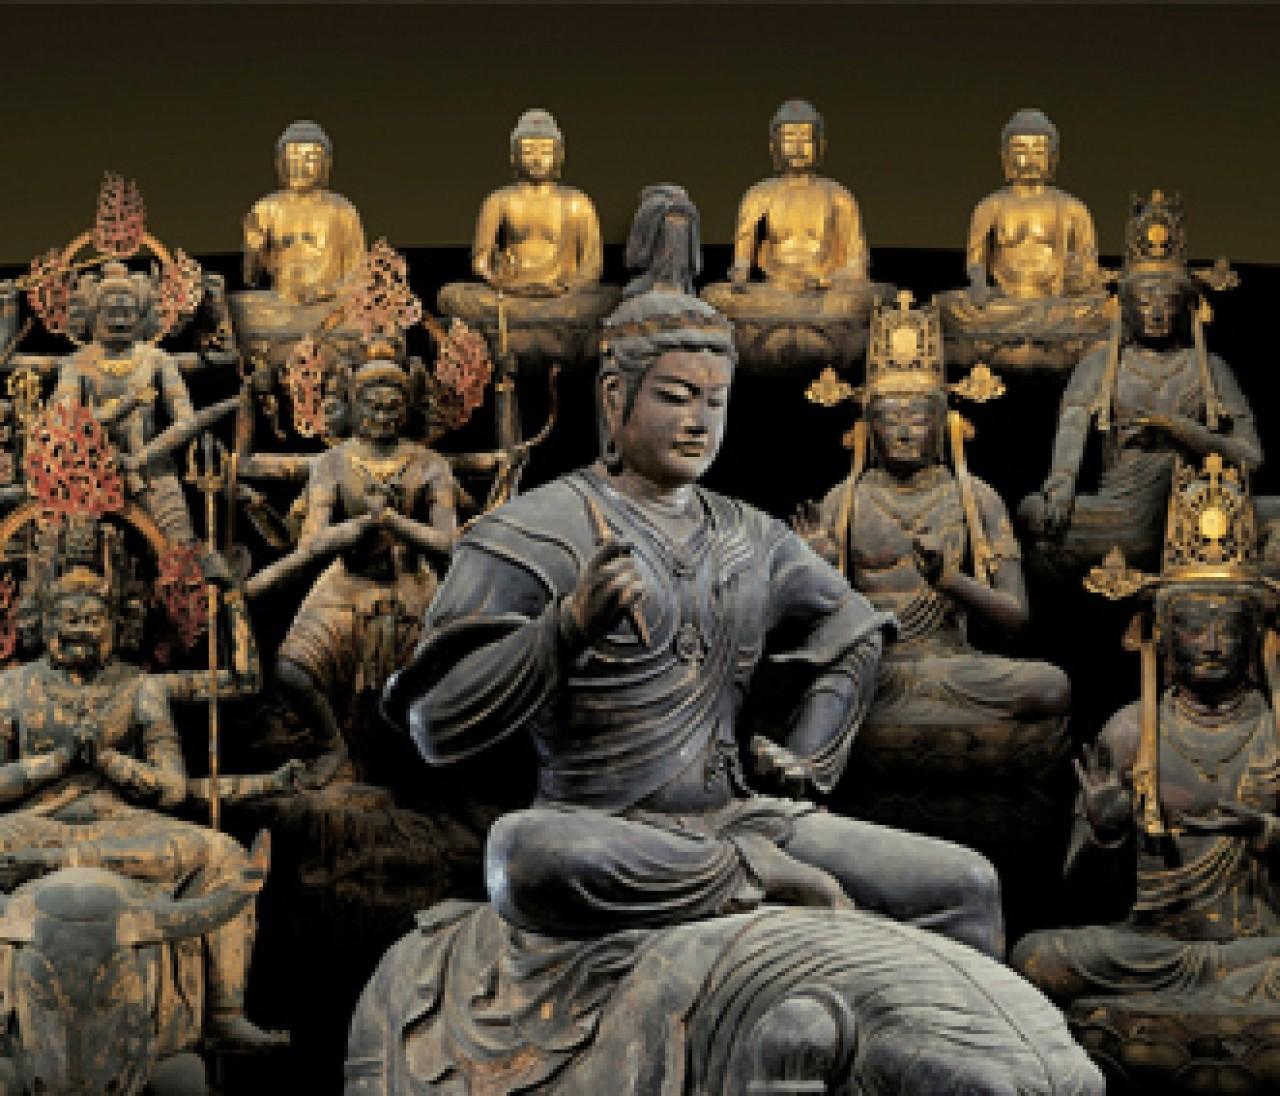 オールスターで豪華! 東京国立博物館で<東寺の仏像曼荼羅>の深~い世界に触れよう